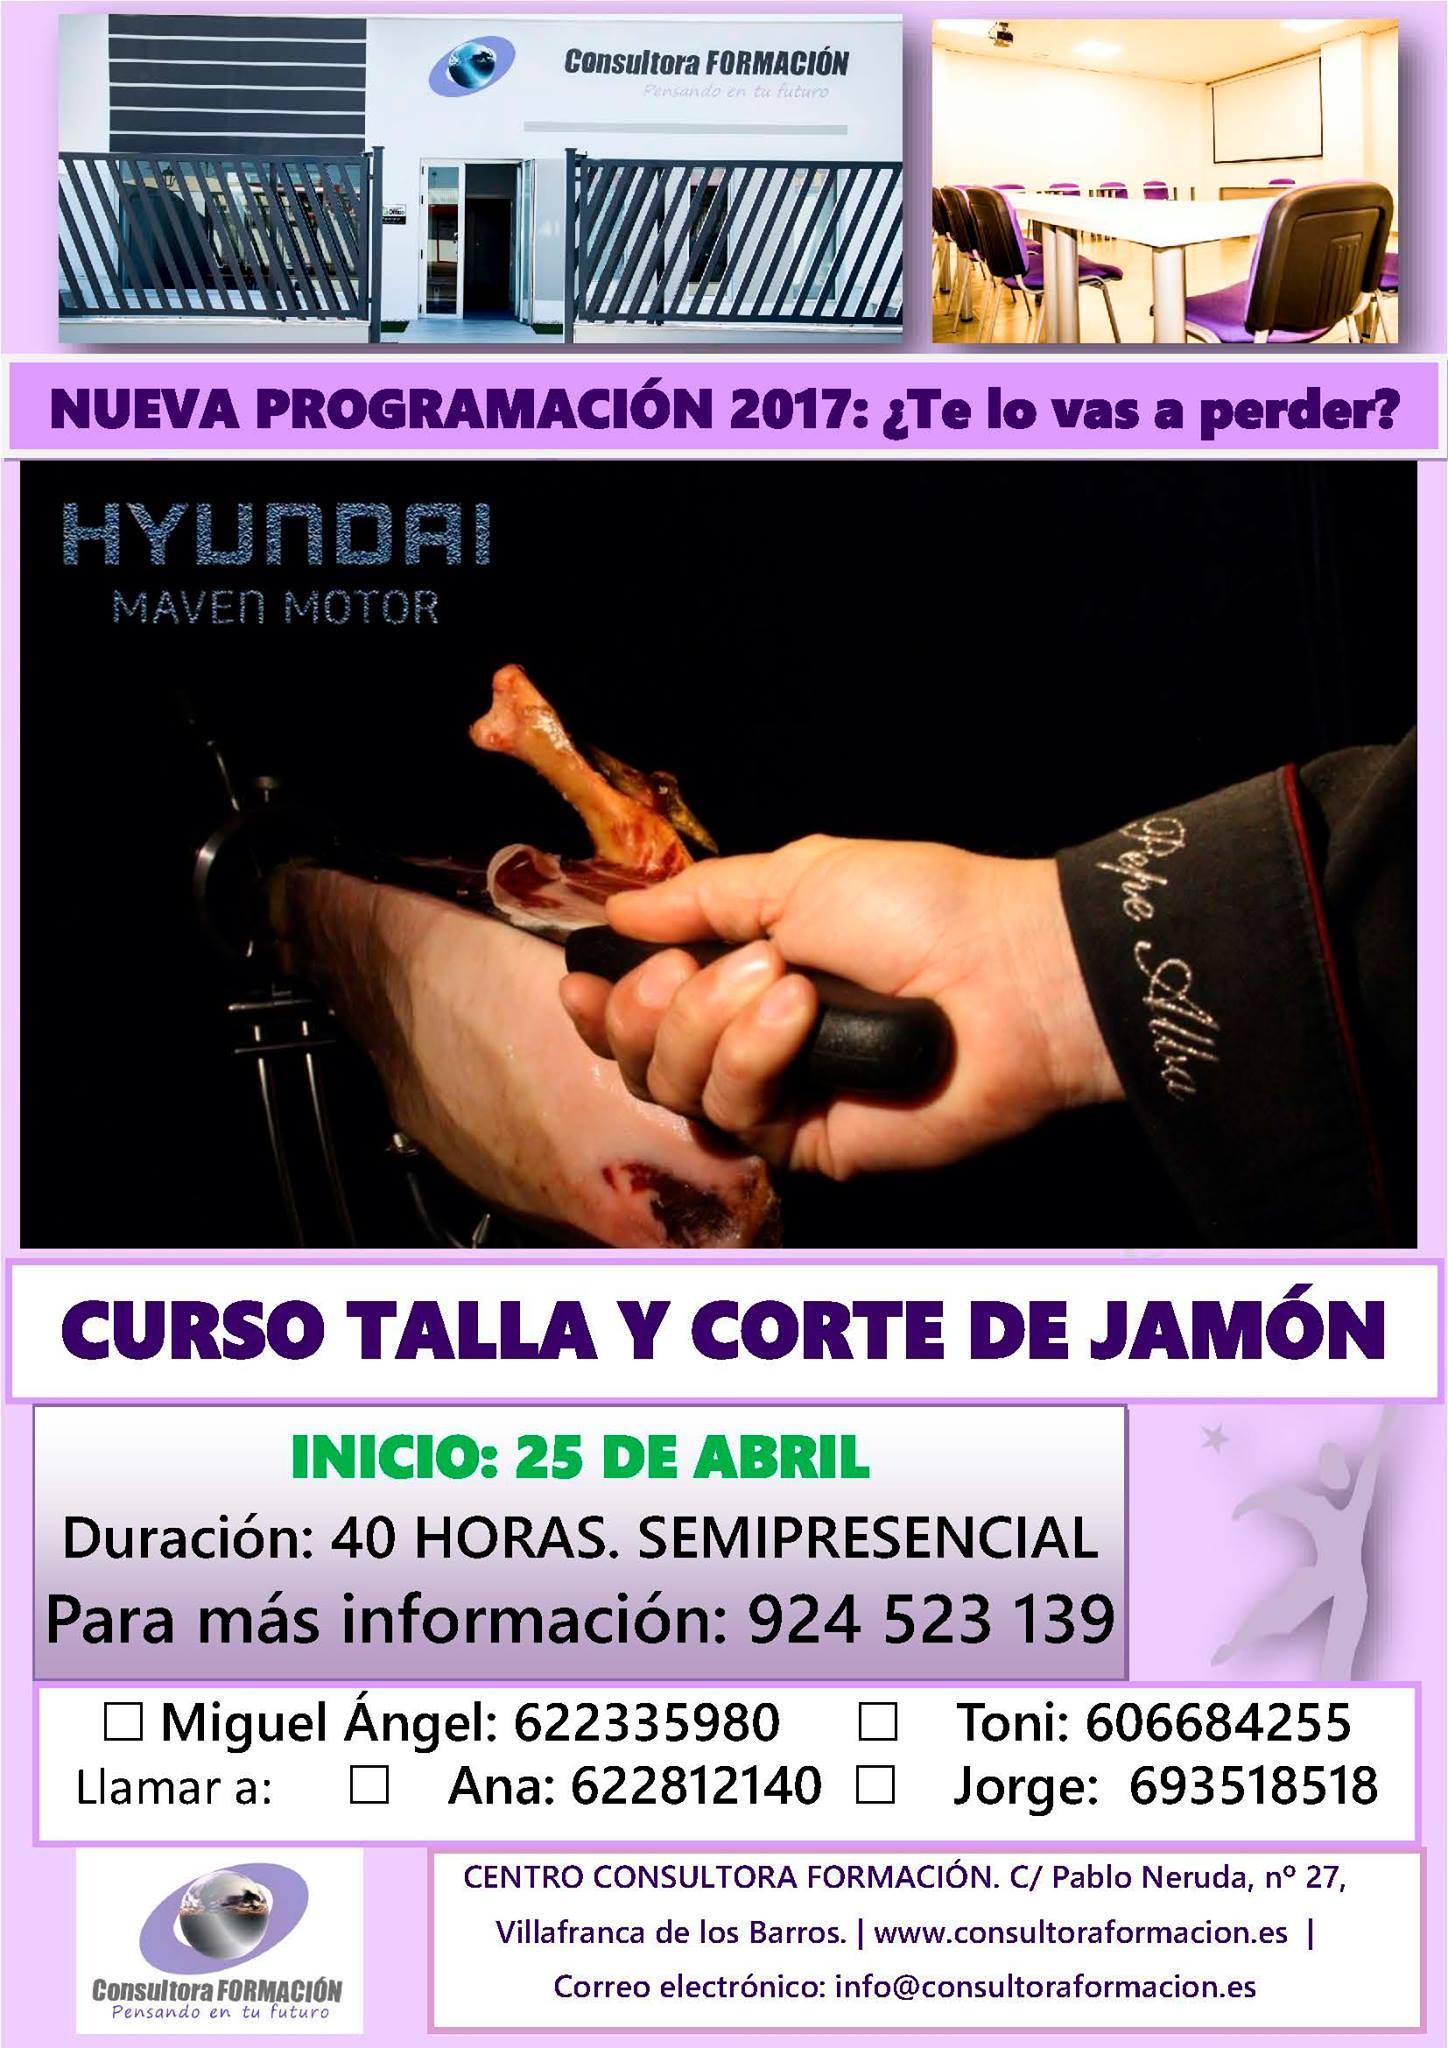 Cartel consultora formaci n villafranca de los barros for Cursos de cocina en badajoz